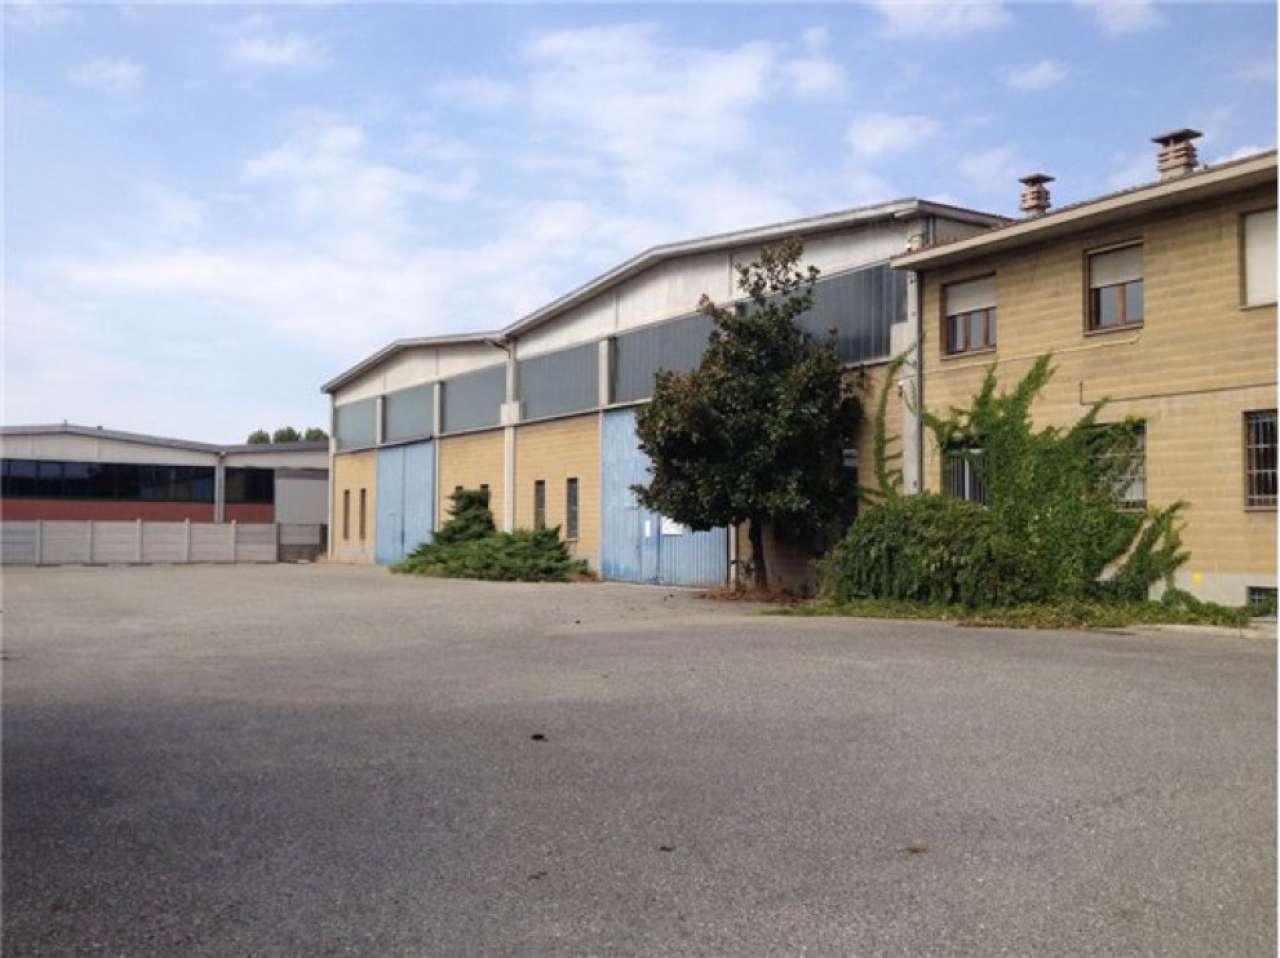 Capannone in vendita a Piacenza, 9999 locali, prezzo € 2.210.000 | CambioCasa.it